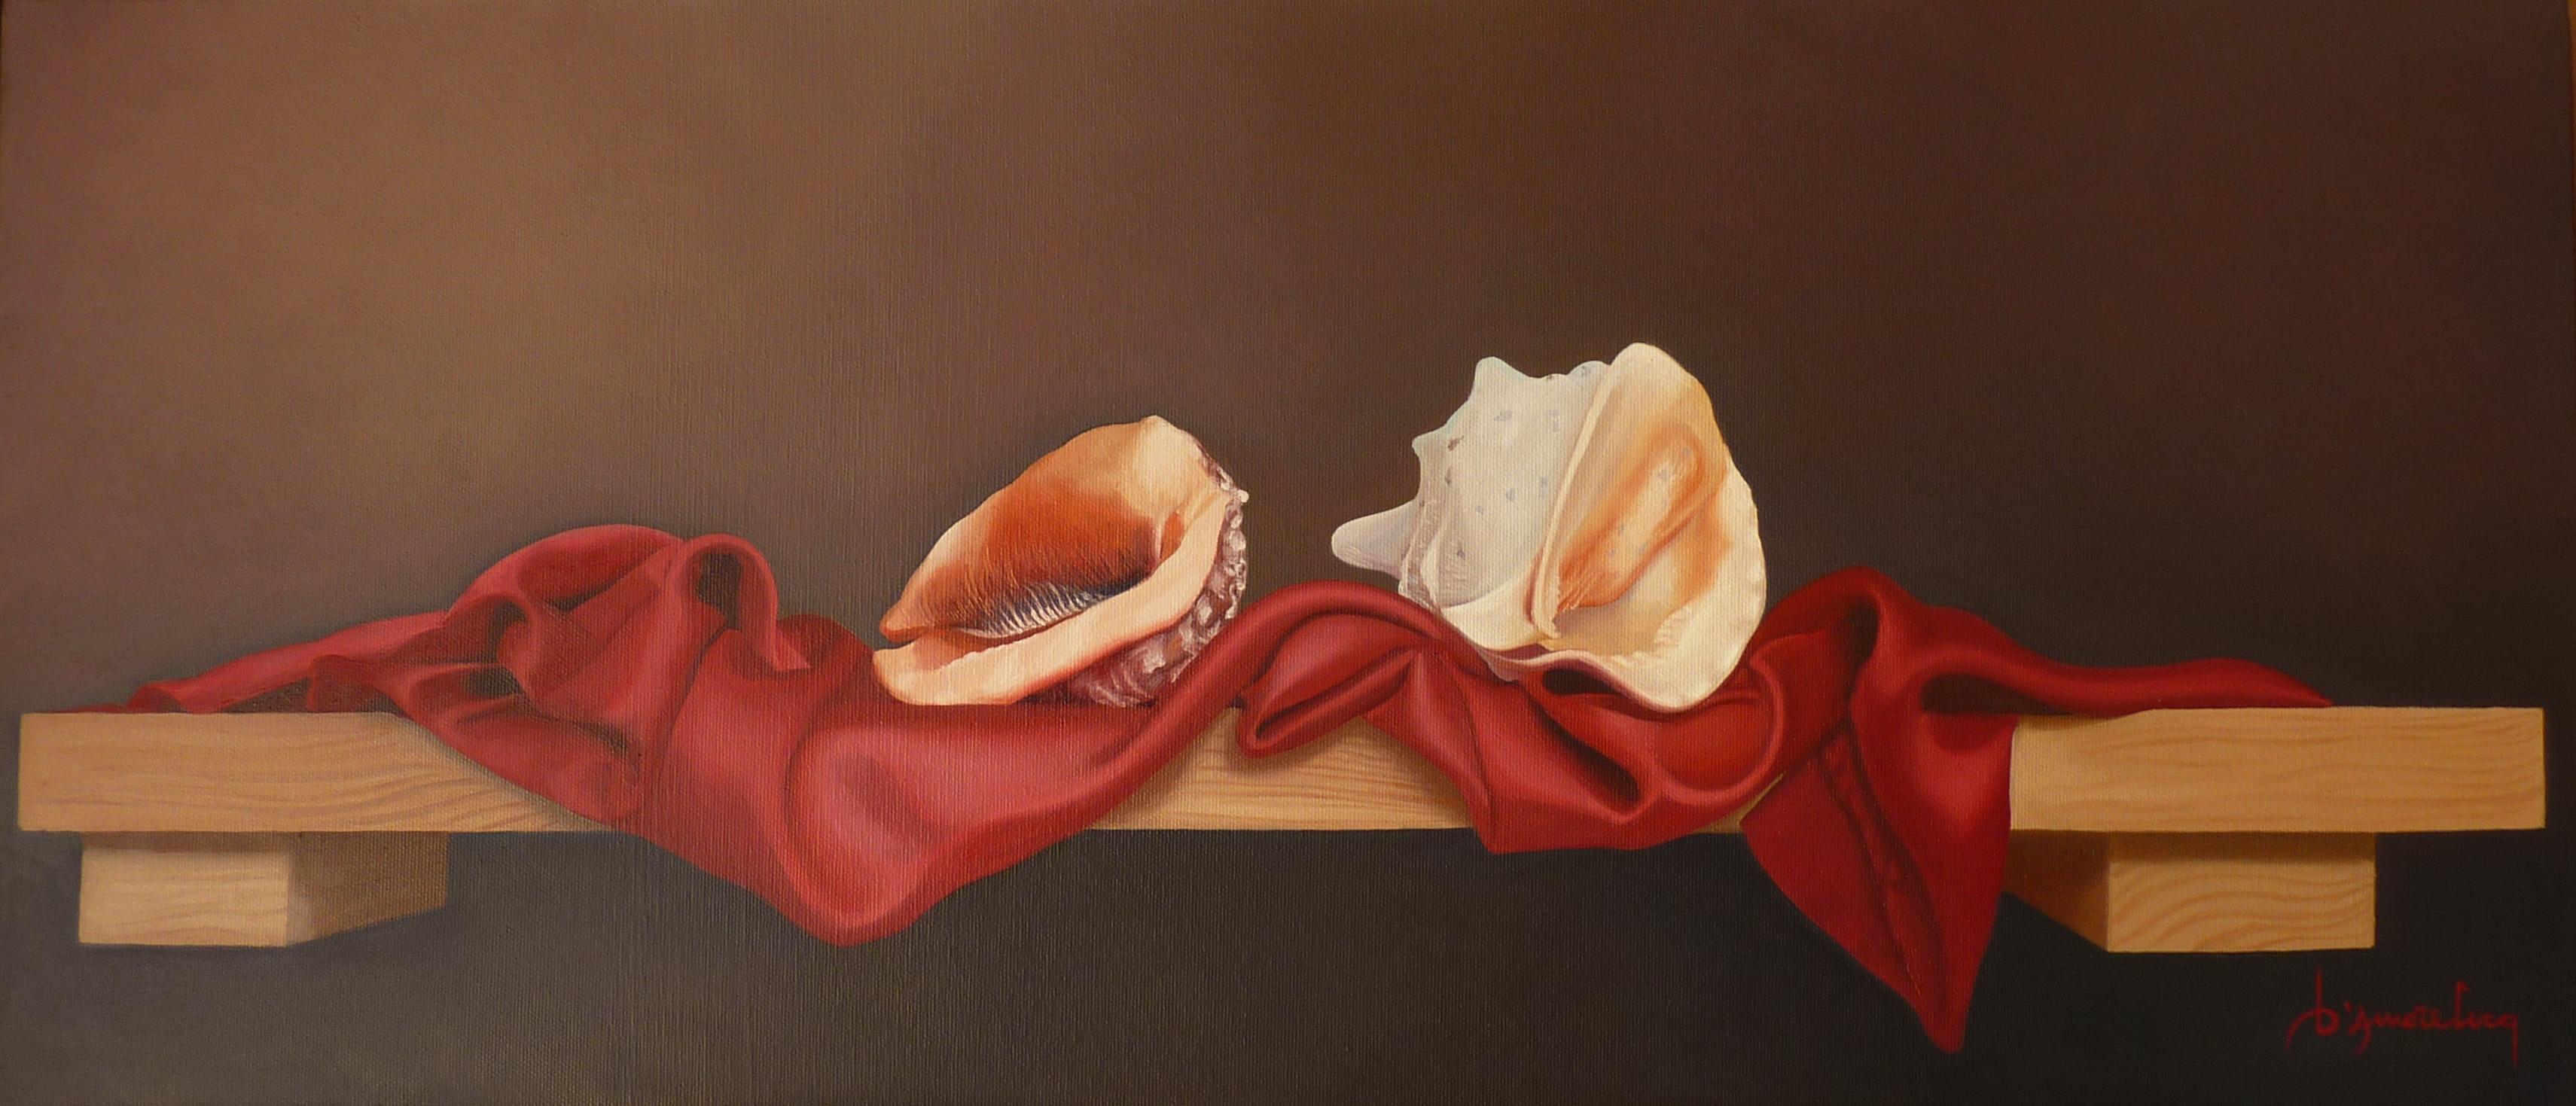 Luca D'amore – Conchiglie su mensola